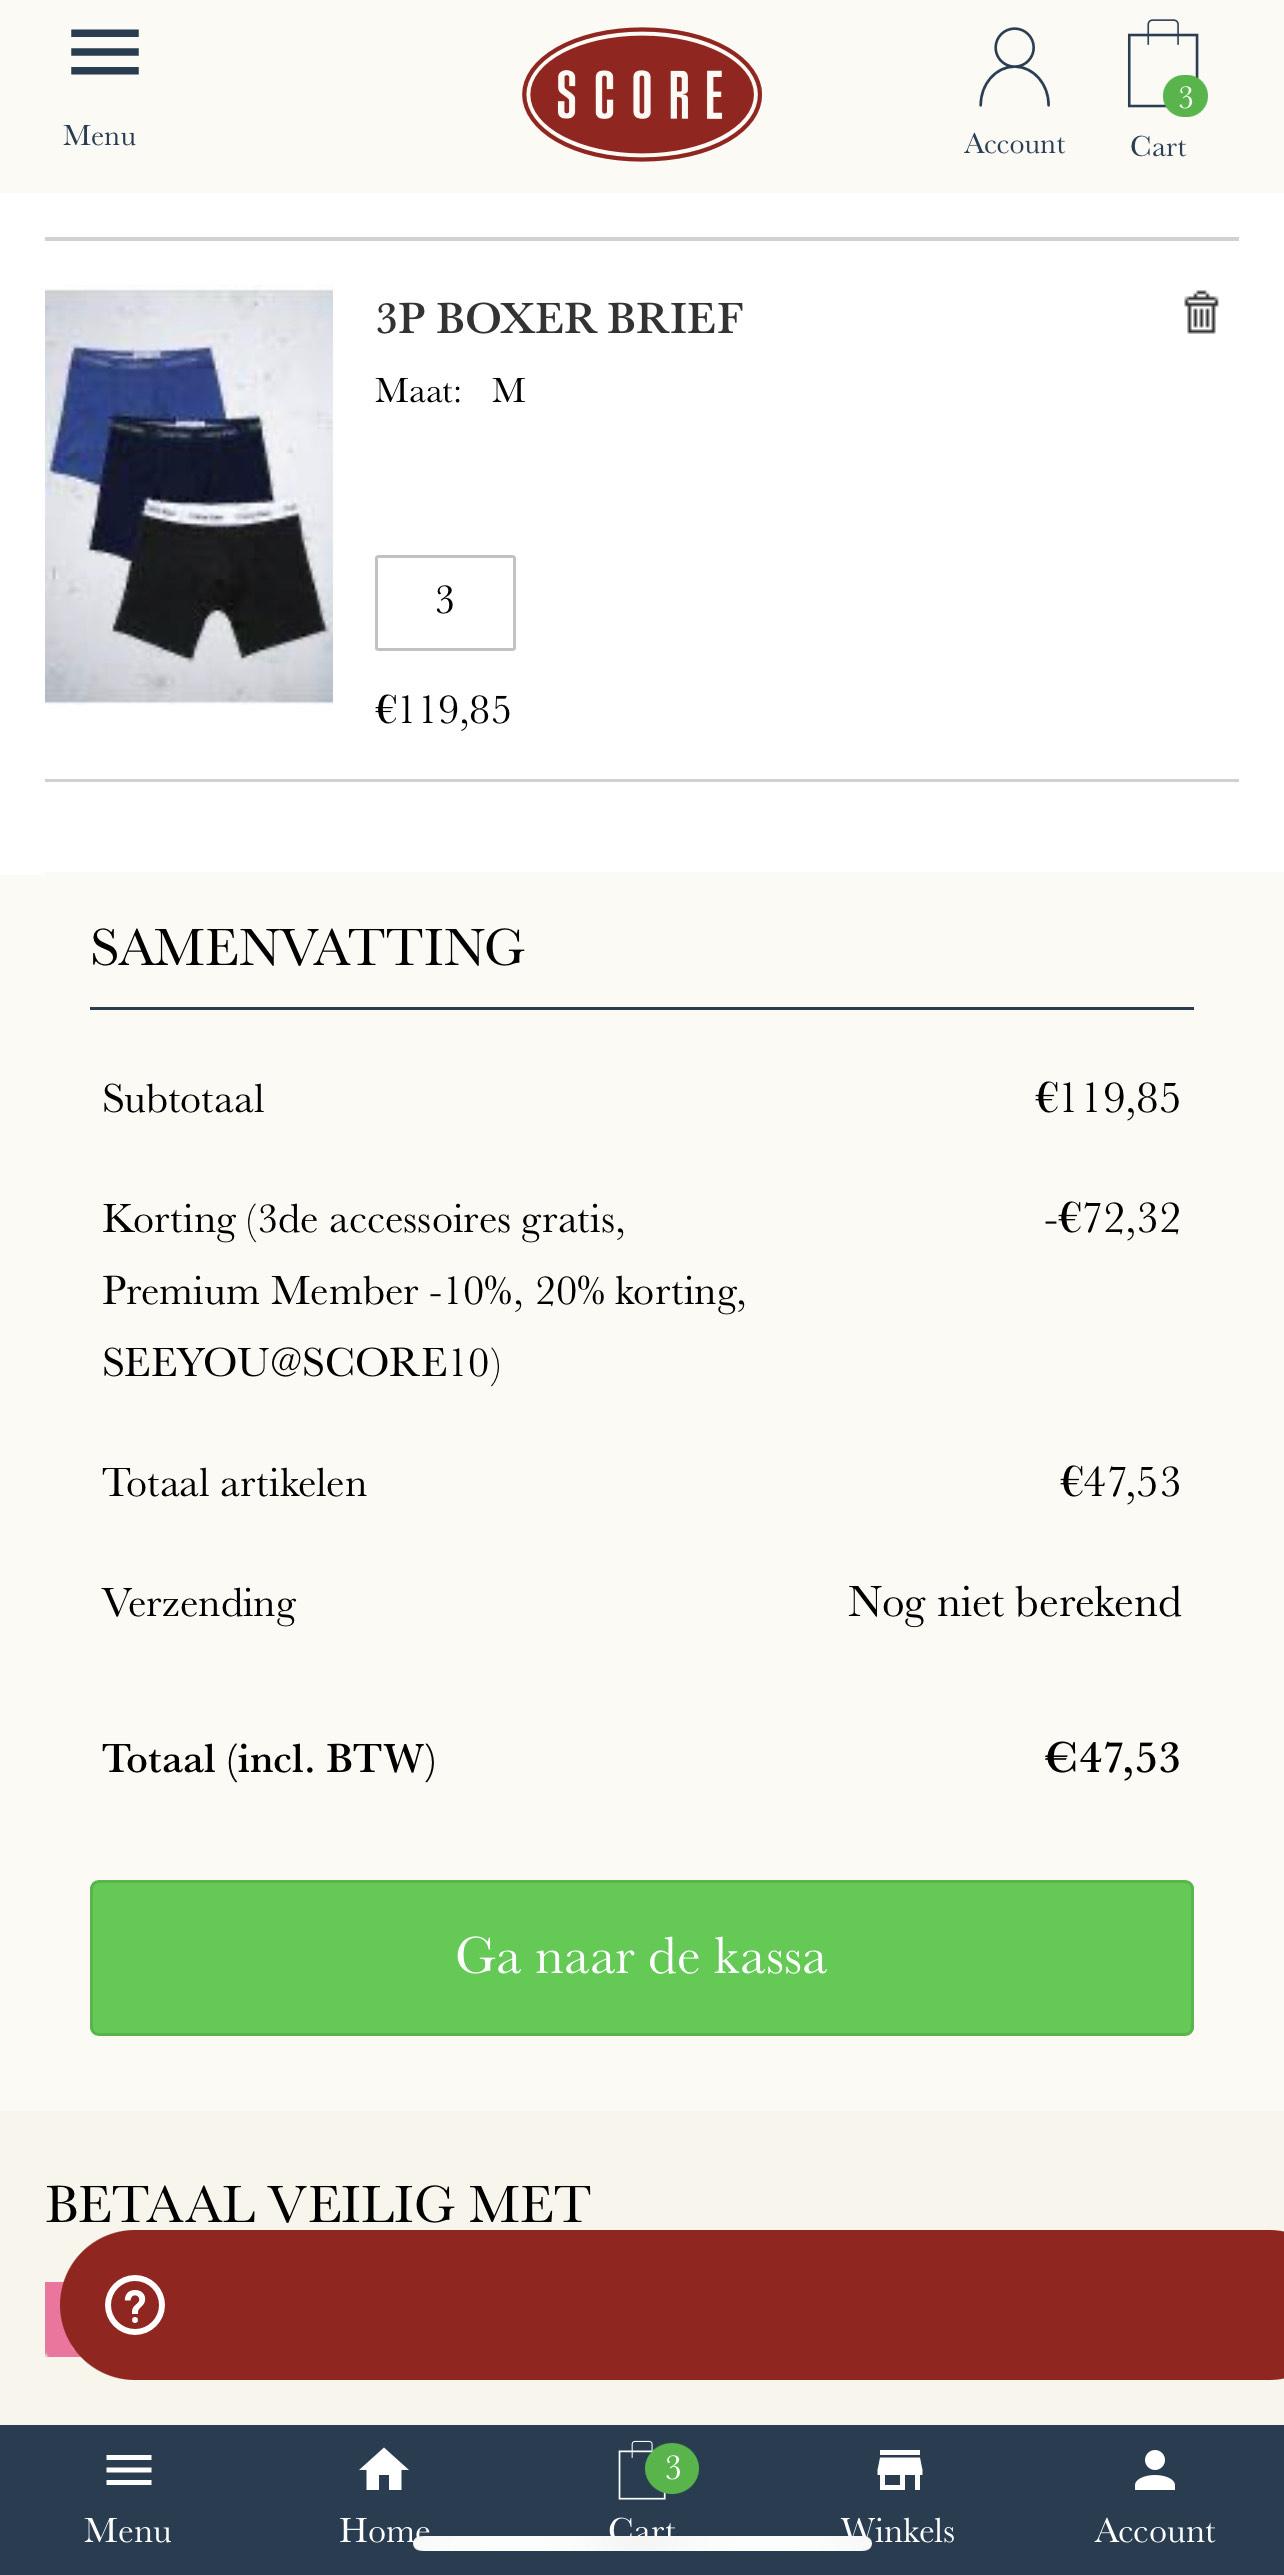 9 stuks Calvin Klein Boxershorts van €120,00 voor € 47,53 bij Score